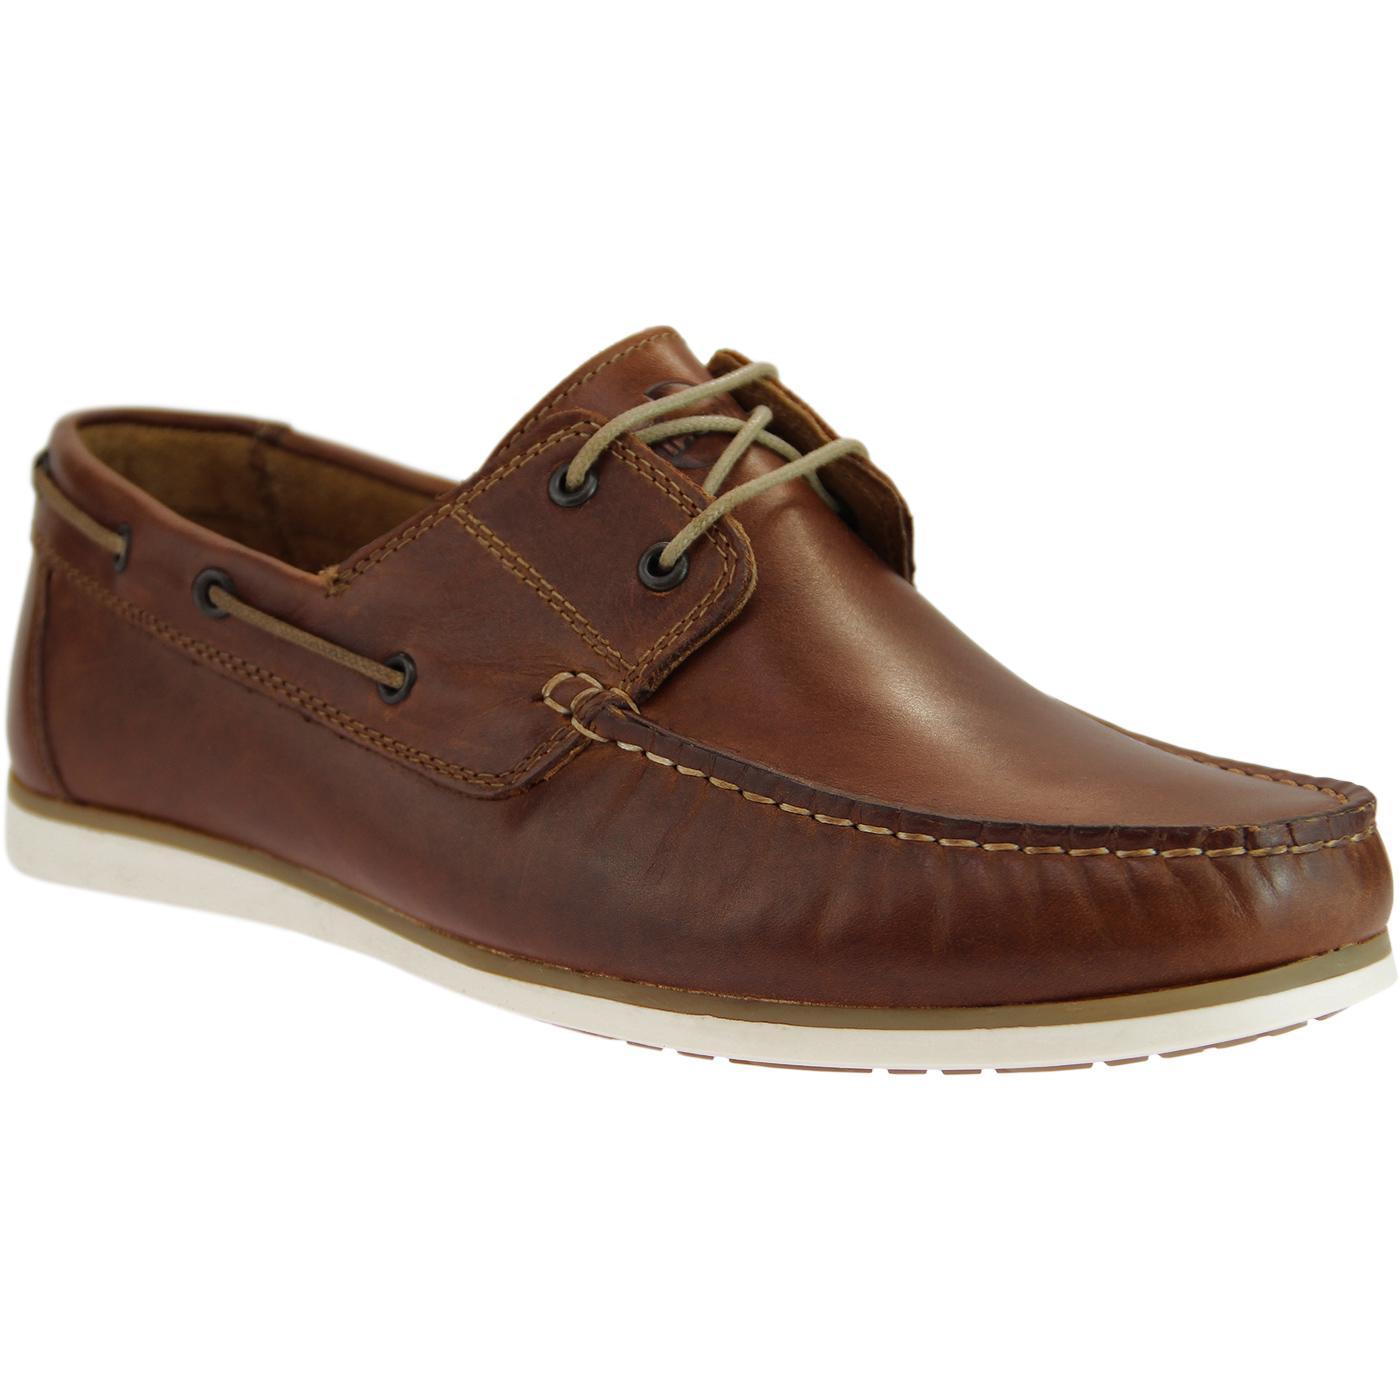 Orlando IKON Retro Mod Leather Boat Shoes (Tan)